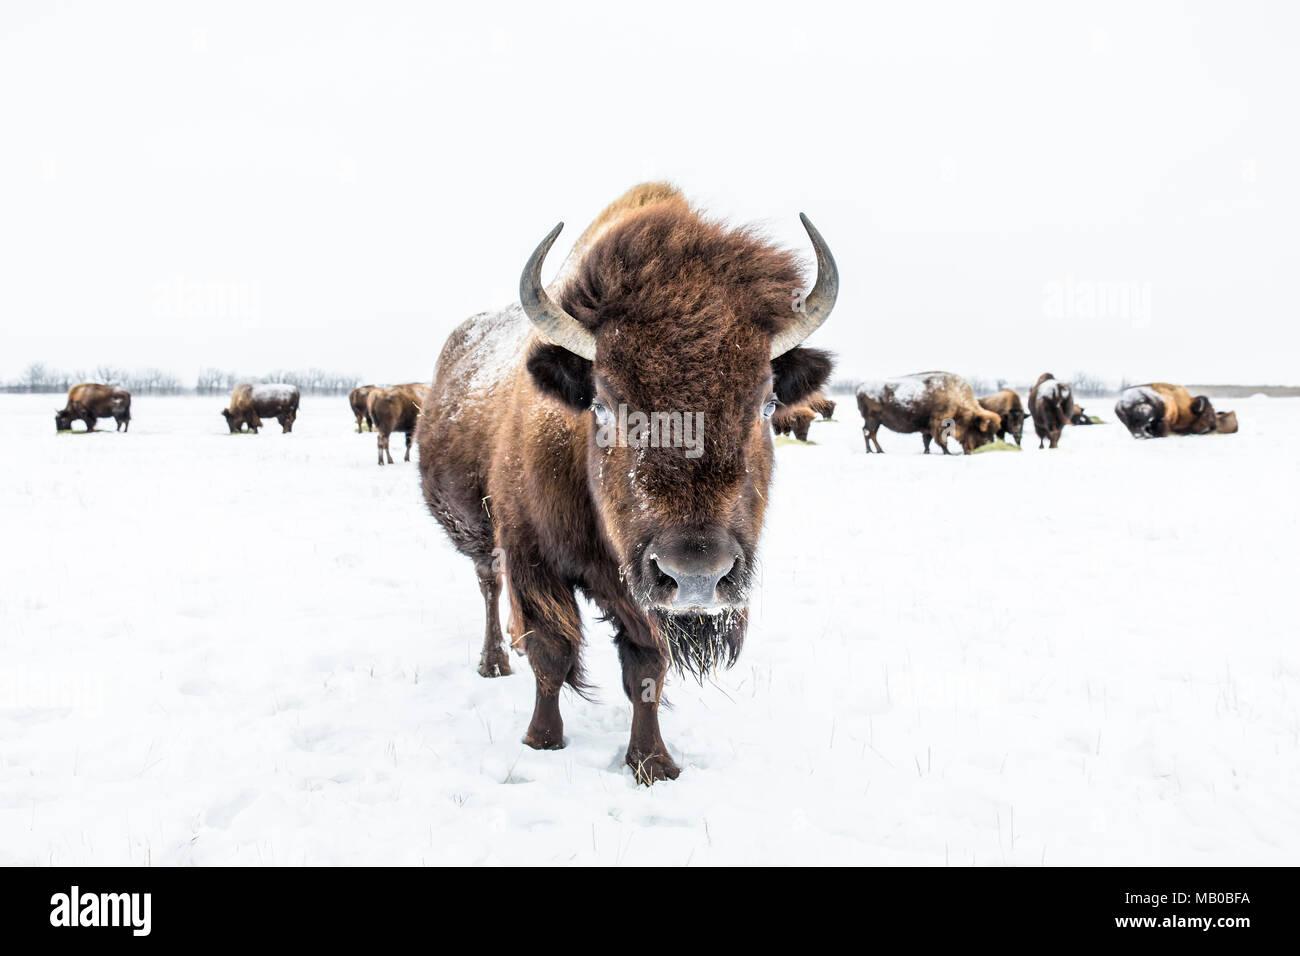 Troupeau de bisons des plaines (Bison bison bison) ou American Buffalo, en hiver, au Manitoba, Canada. Photo Stock